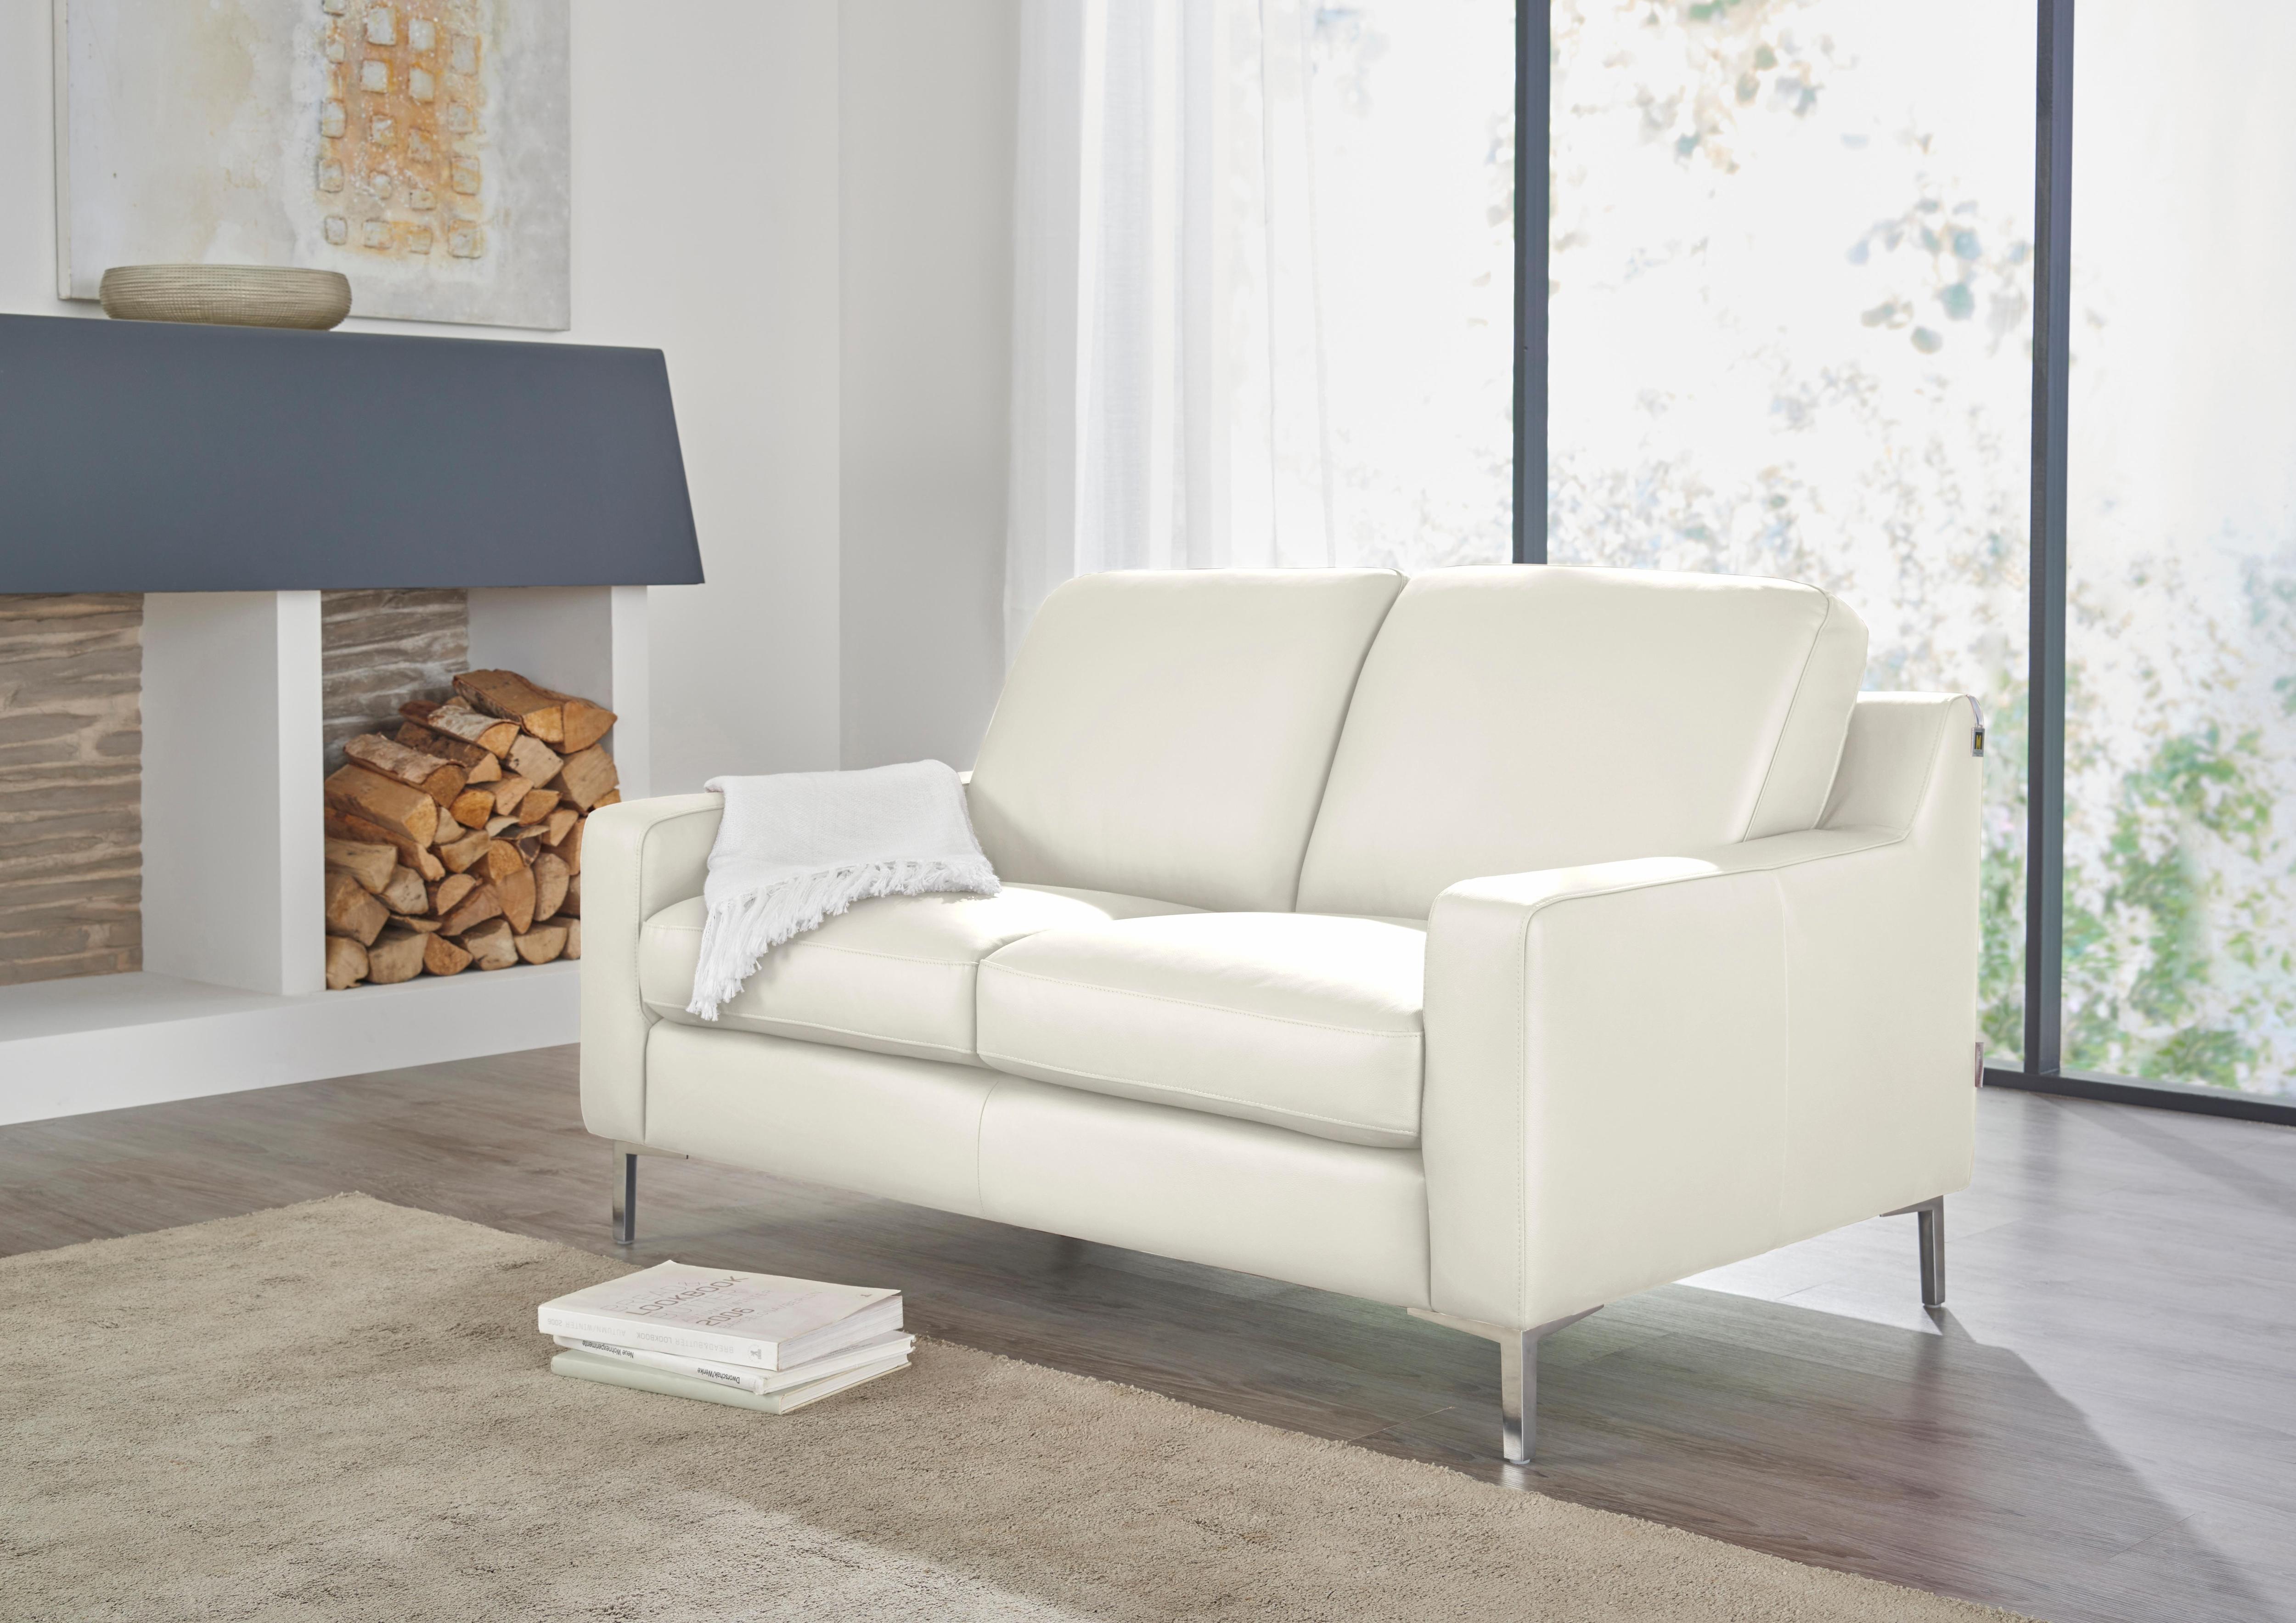 WSCHILLIG 2-Sitzer lazy